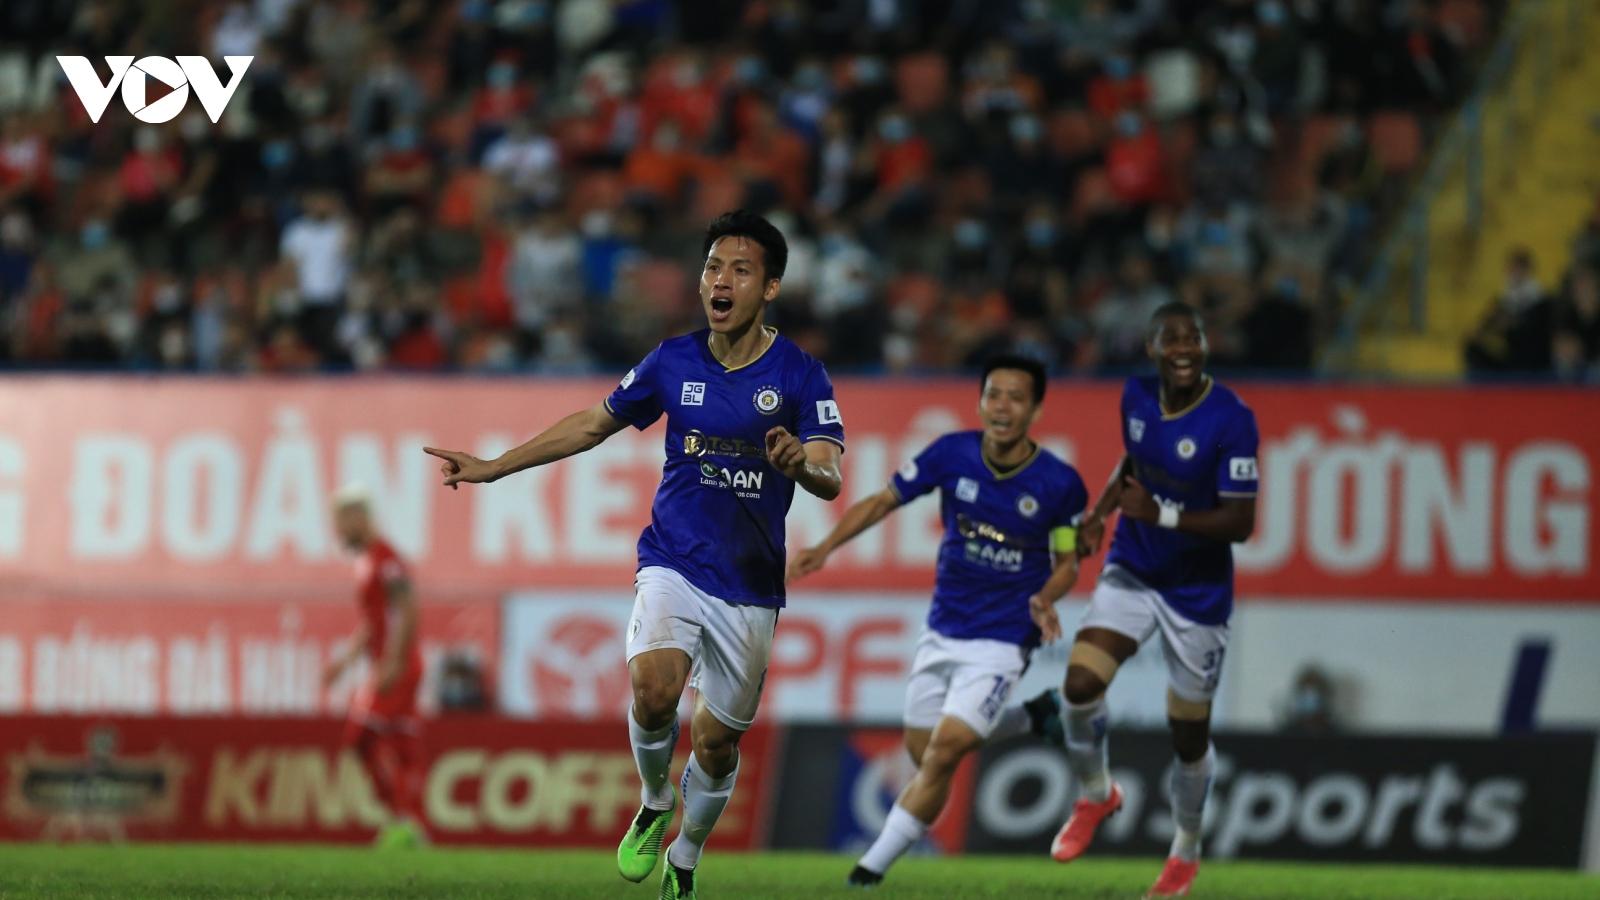 Tấn Trường cản phá thành công phạt đền, Hà Nội FC thắng trận đầu tiên ở V-League 2021